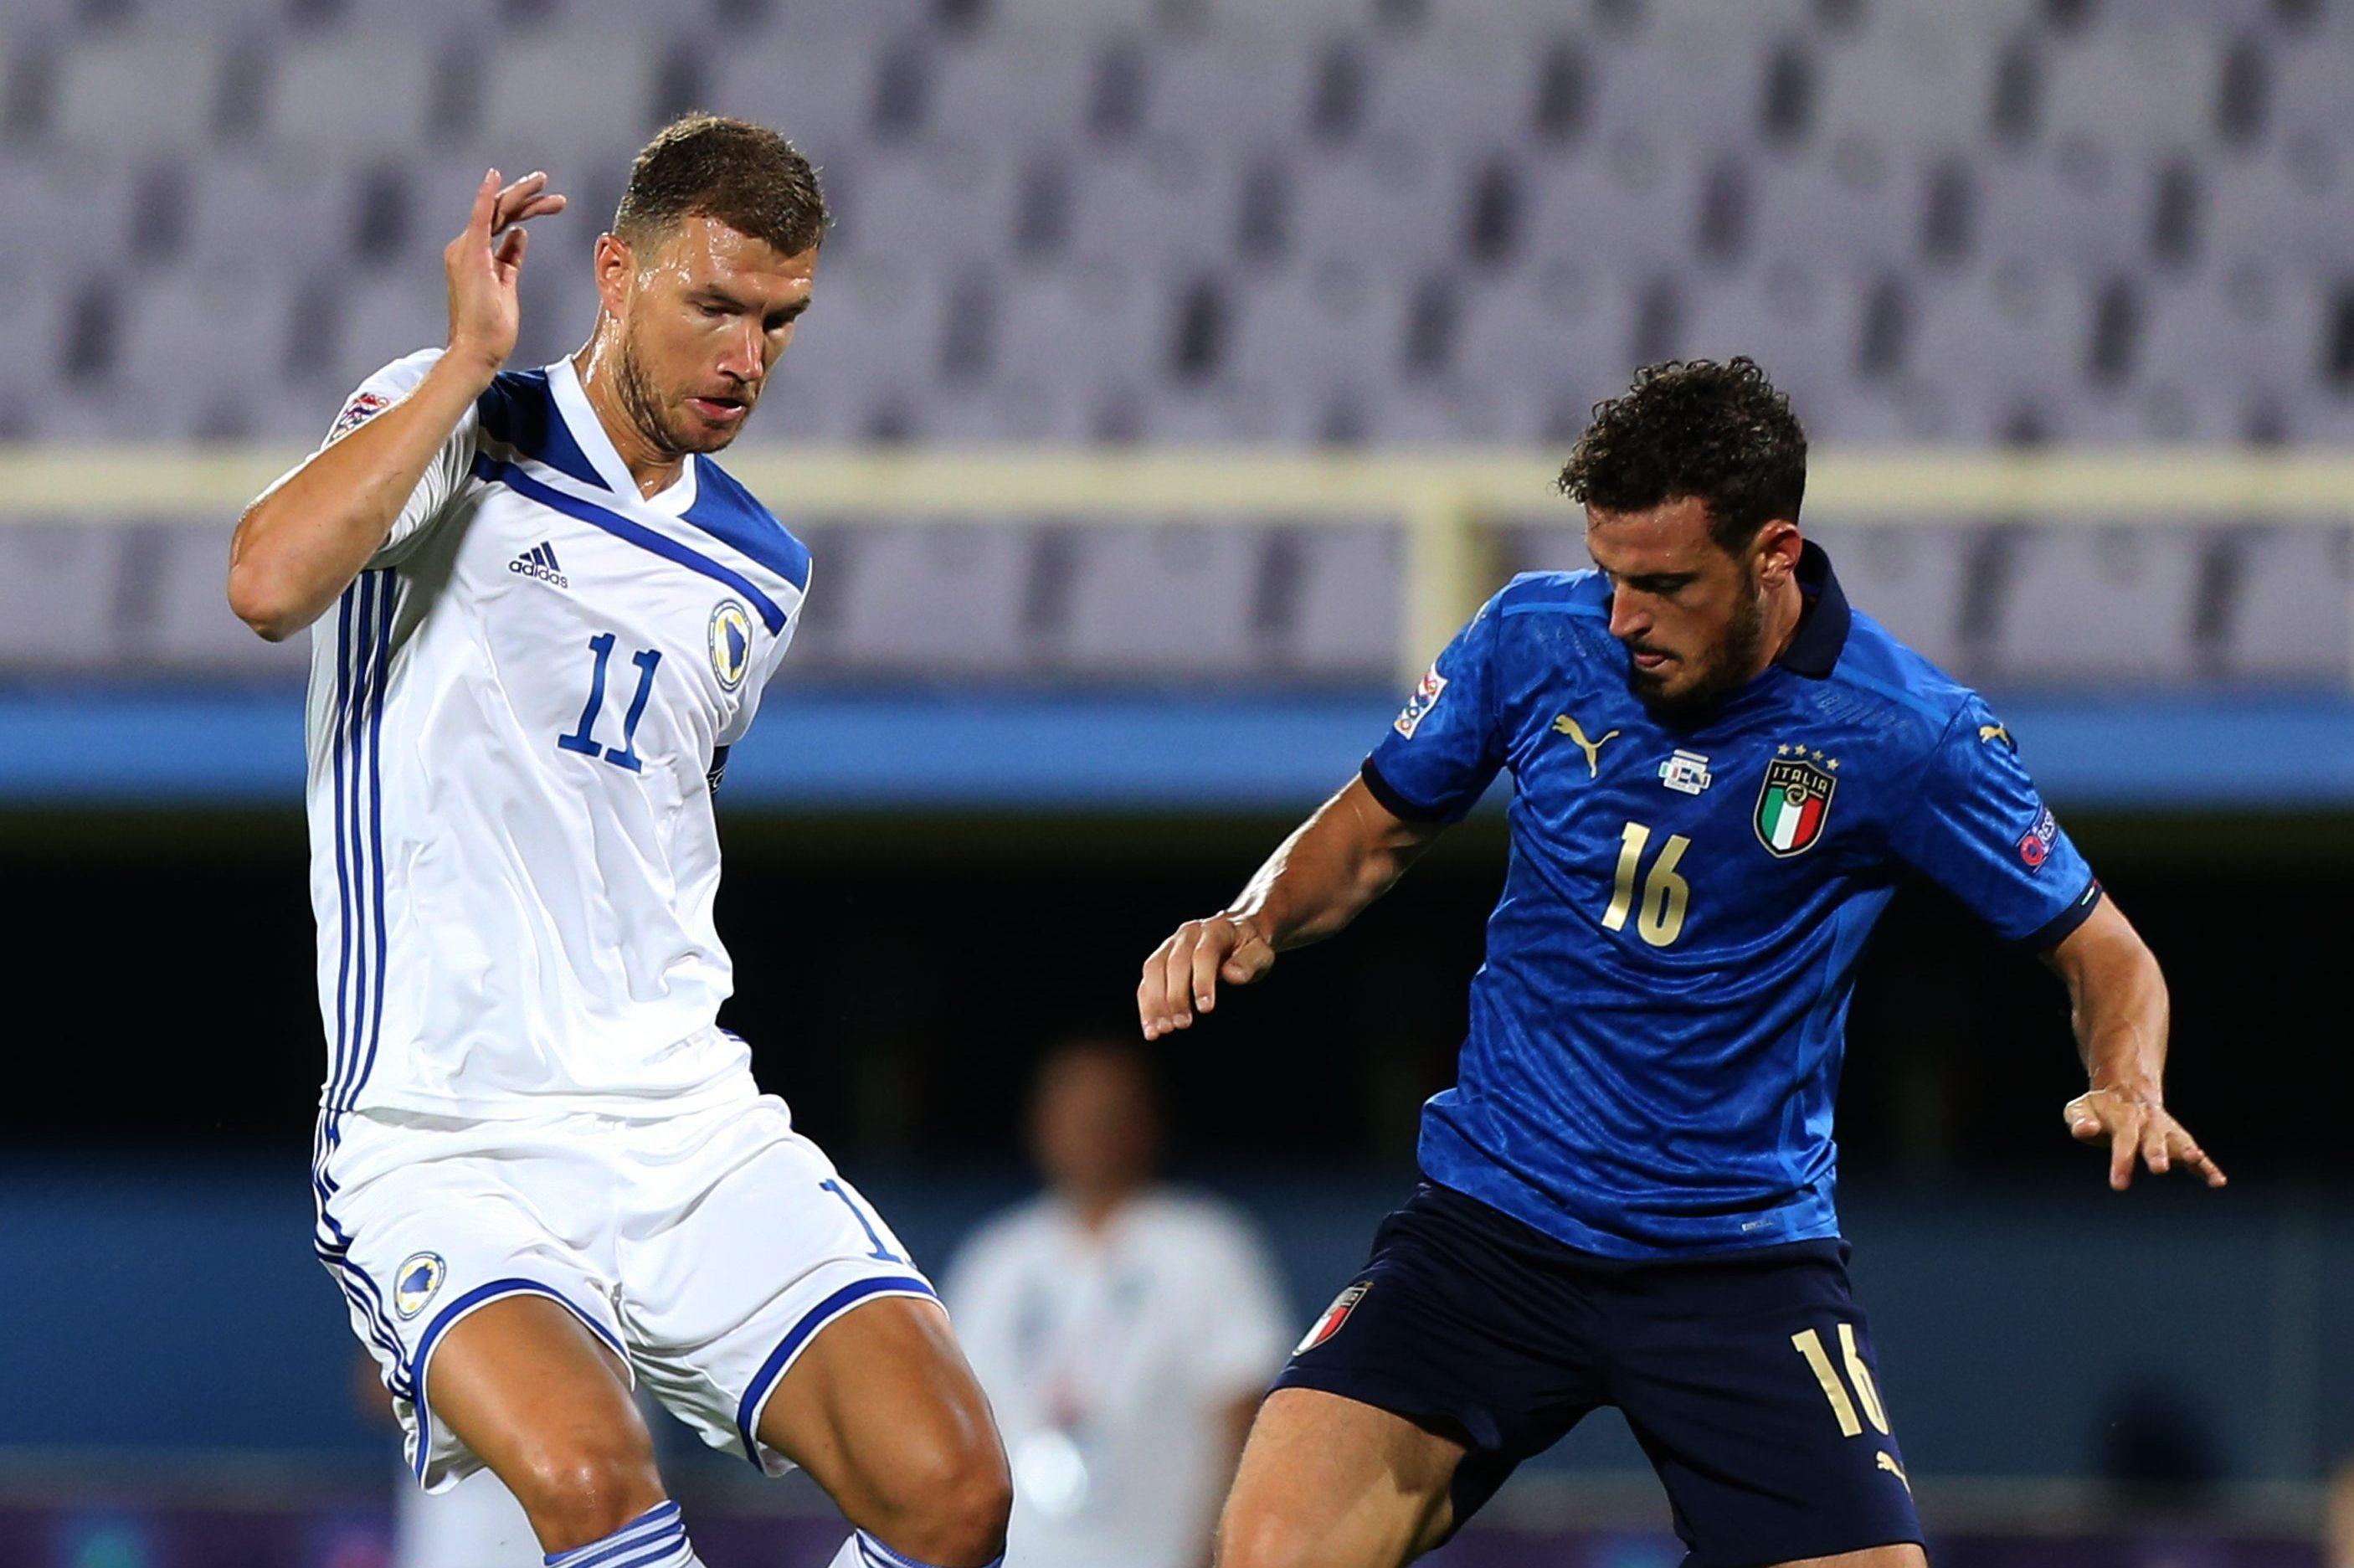 Calciomercato Juventus 18 Settembre Dzeko Convocato Dalla Roma Slittano Visite E Firma Le Ultimissime